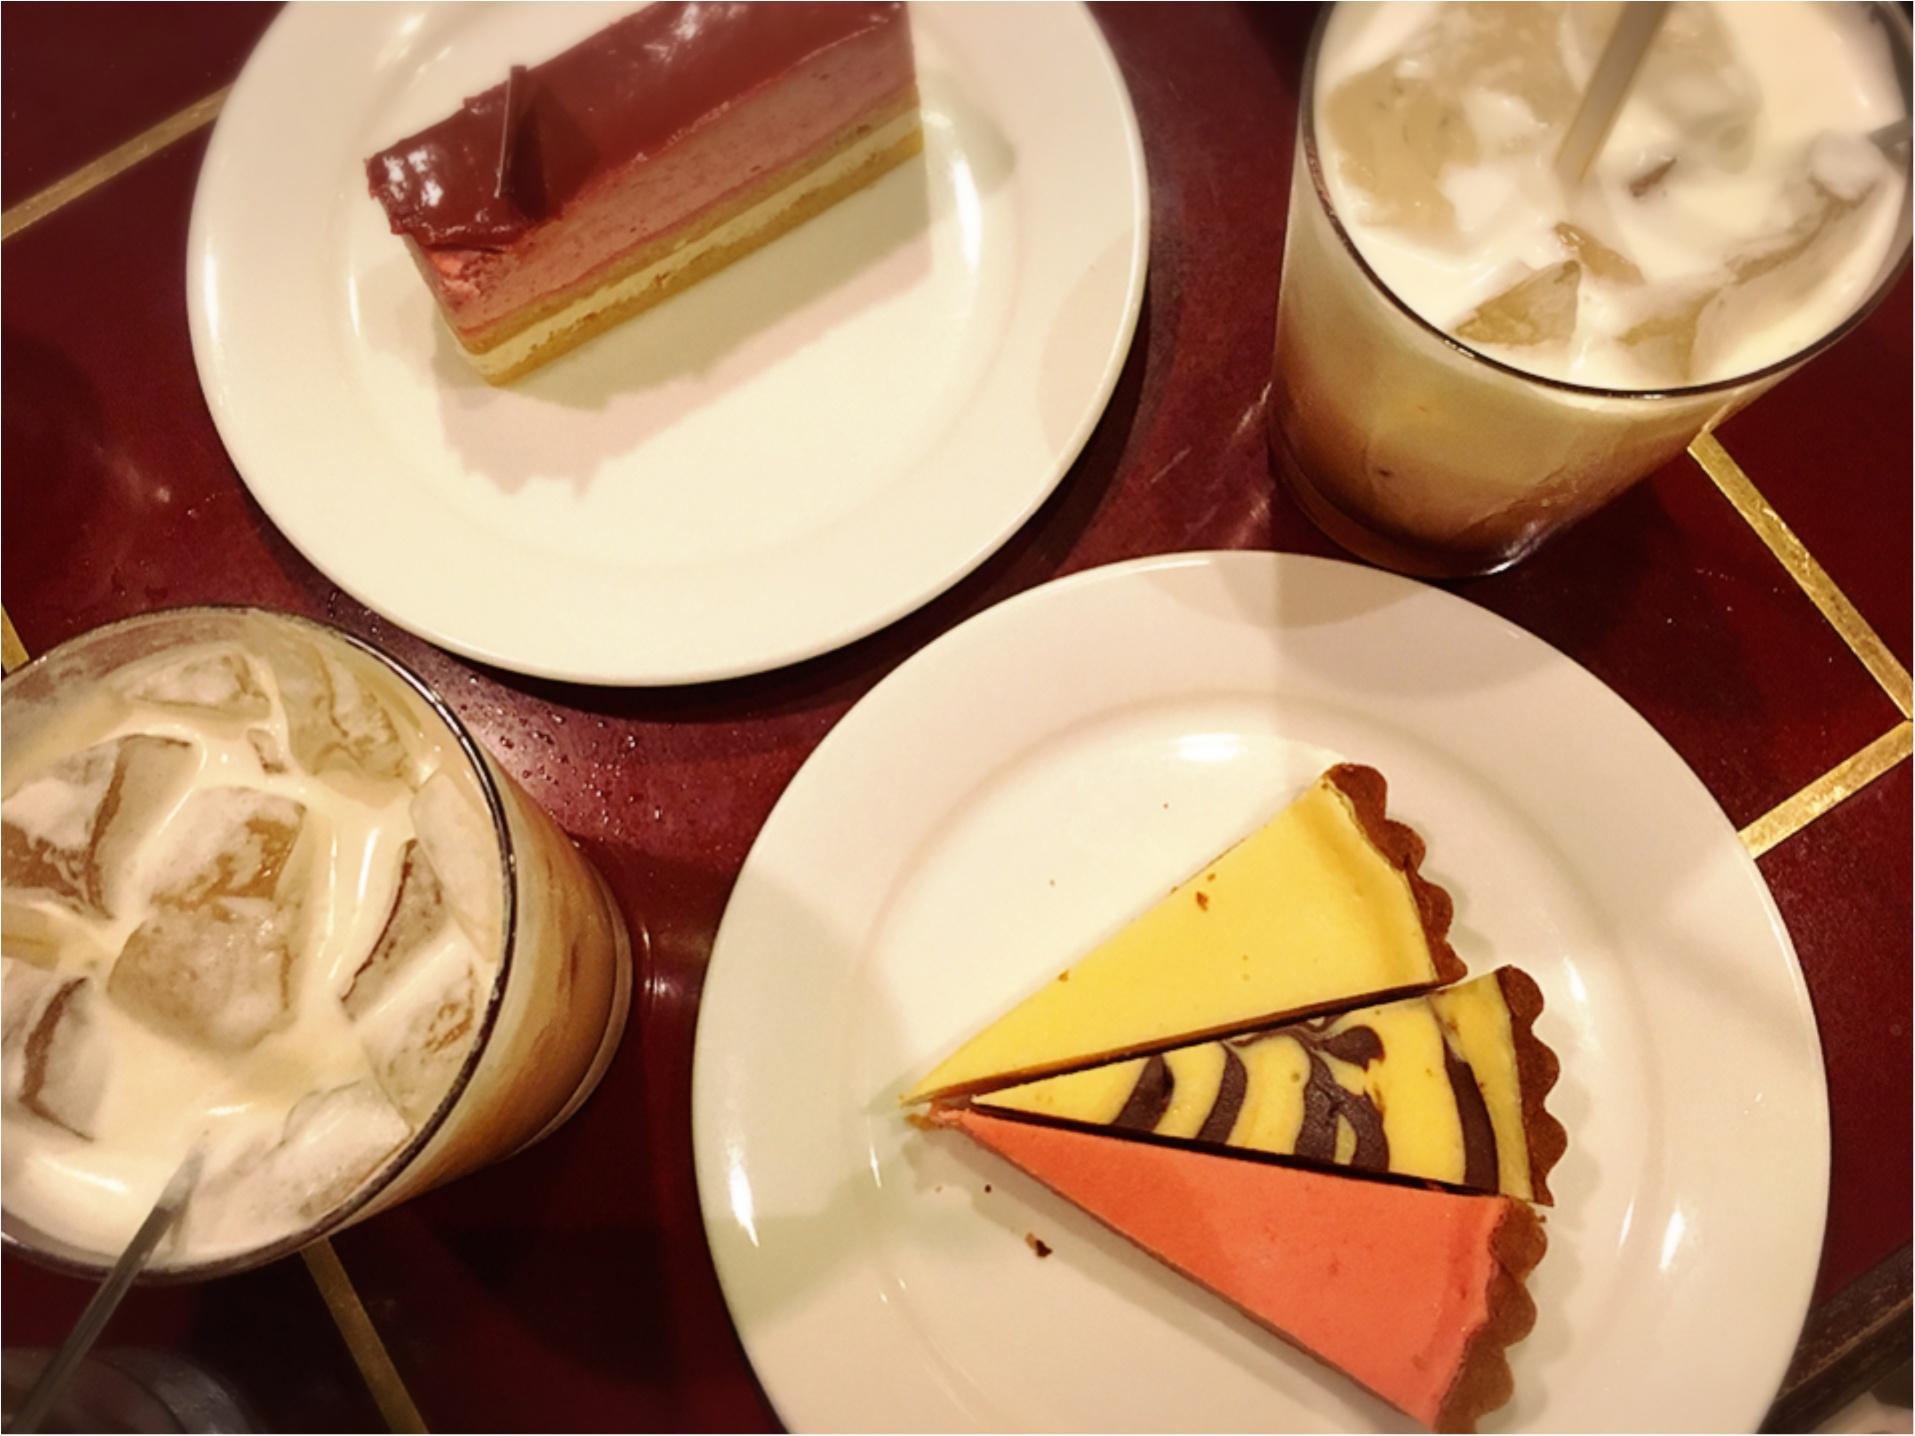 おいしい紅茶専門店でいただく…レインボーカップケーキがフォトジェニック⁉︎_1